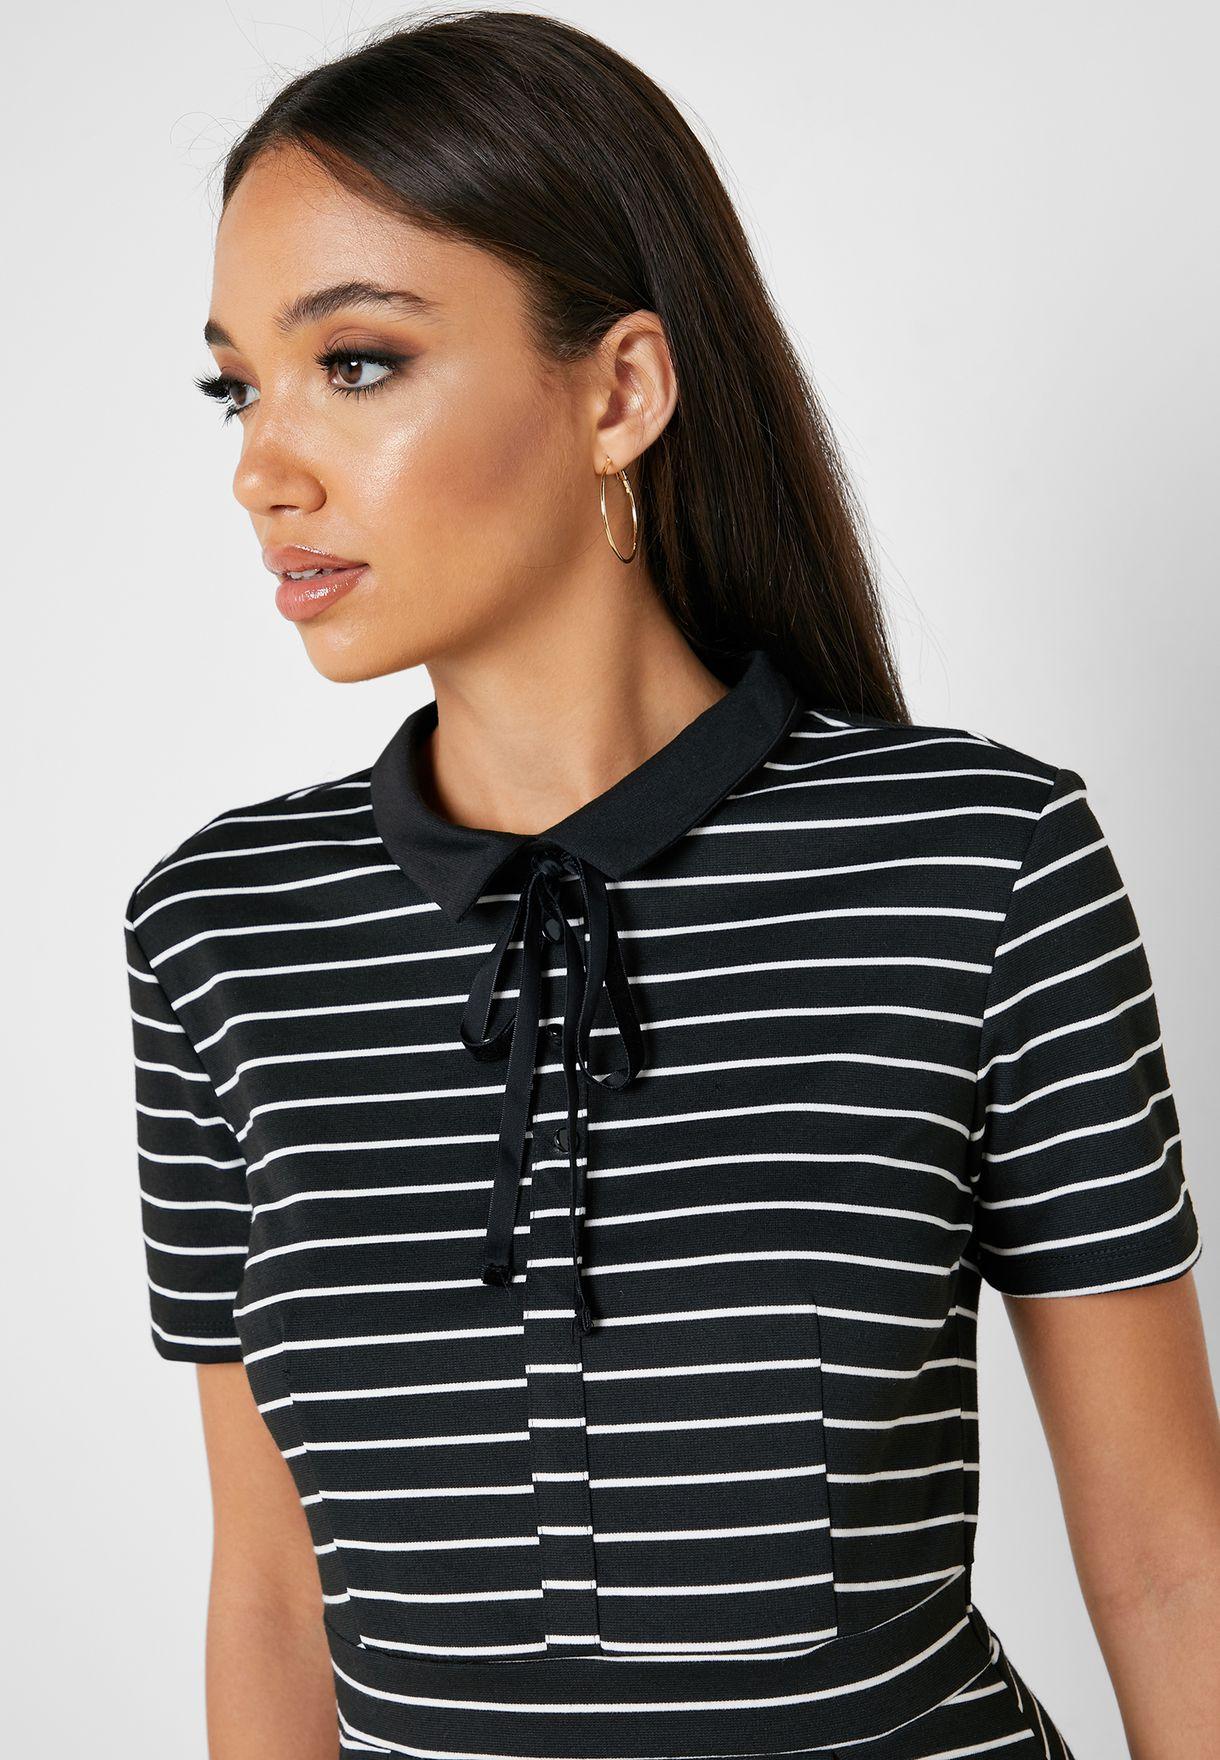 Collar Detail Skater Dress